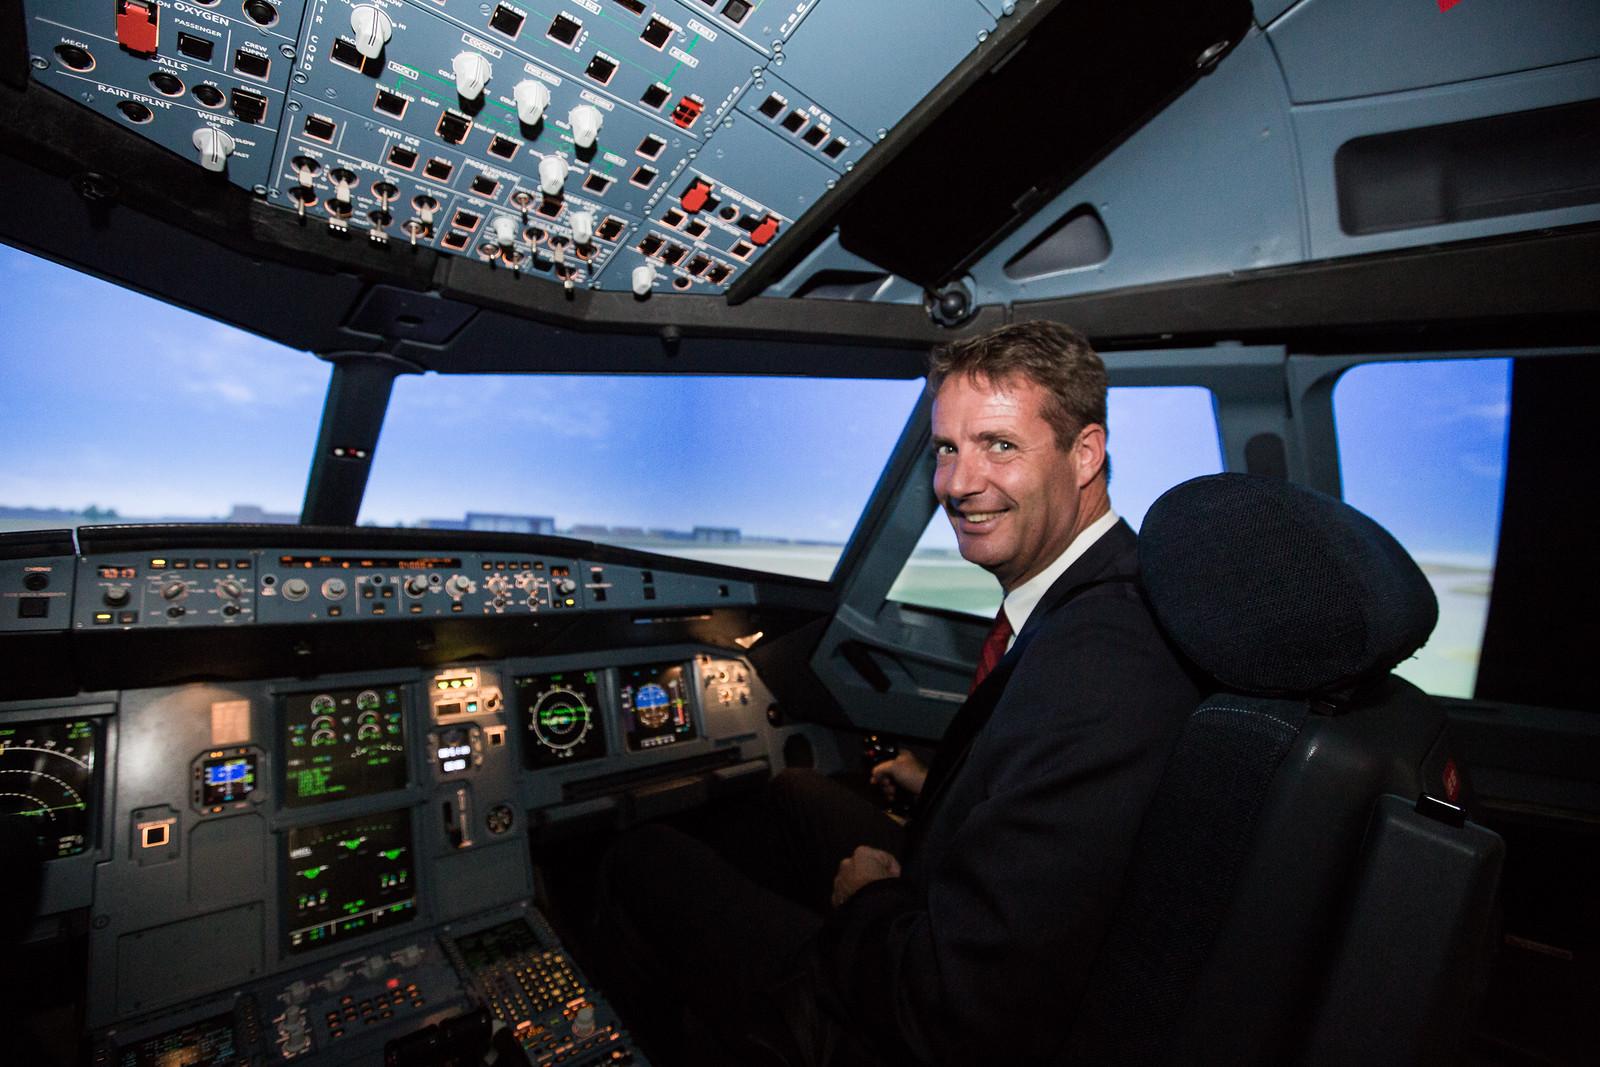 e7394a2aae7c Az FSC üzemelteti a WIZZ teljes képzési központját, amely a Budapest Airport  területén működik, így a Wizz Air több mint 2800 dolgozója számára  kényelmesen ...